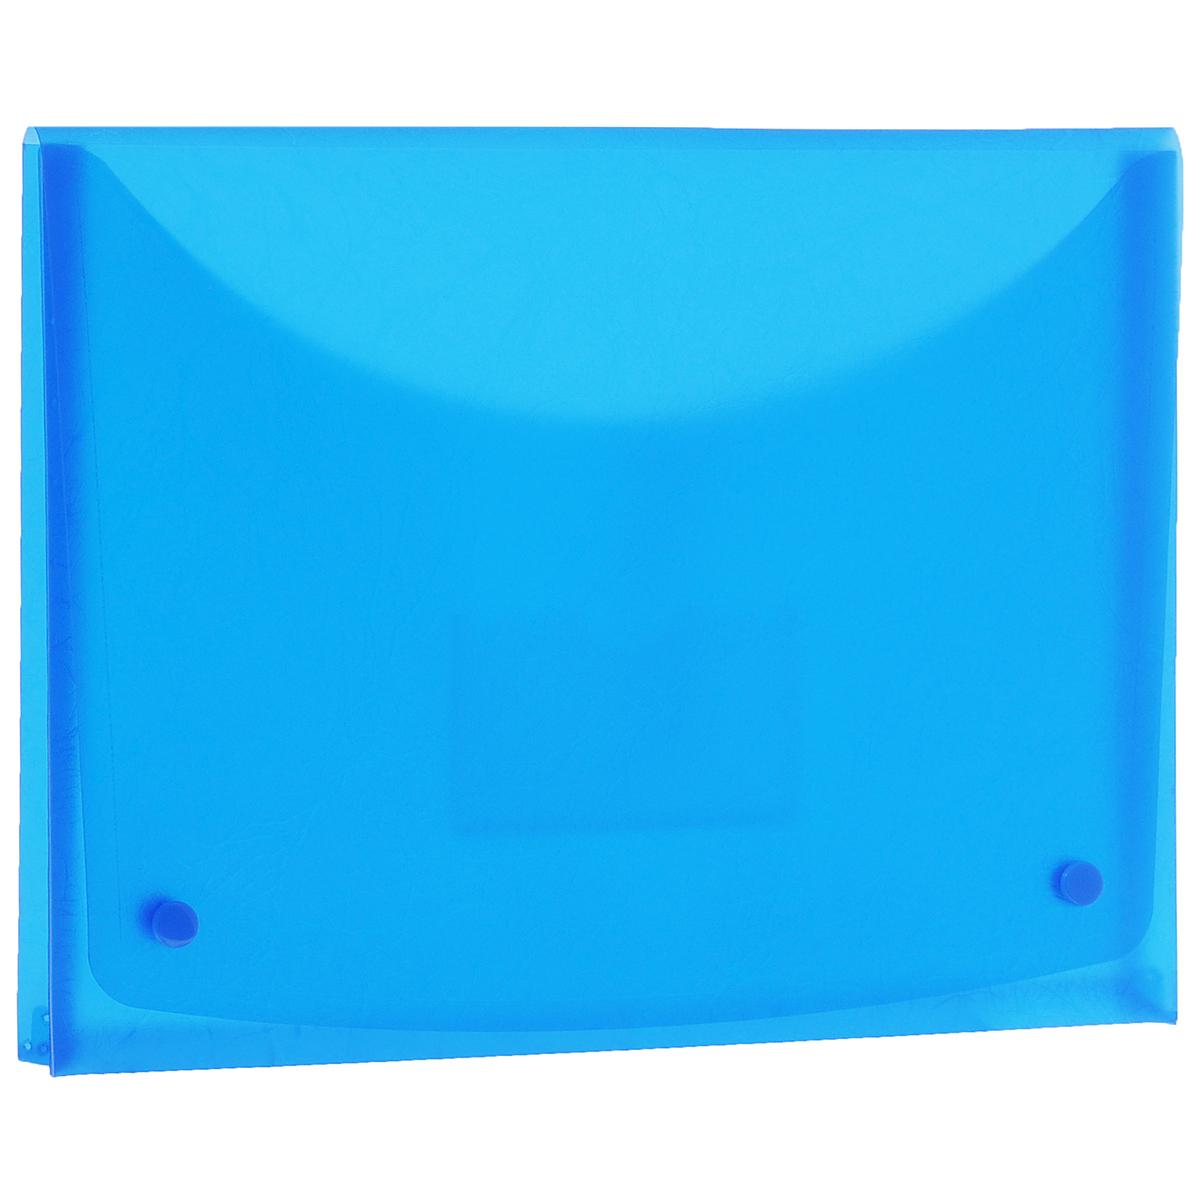 Папка-конверт Centrum Soft Touch, на 2 кнопках, цвет: синий. Формат А484016СПапка-конверт Centrum Soft Touch станет вашим верным помощником дома и в офисе. Это удобный и функциональный инструмент, предназначенный для хранения и транспортировки рабочих бумаг и документов формата А4.Папка изготовлена из прочного высококачественного пластика толщиной 0,4 мм и закрывается на широкий клапан с двумя кнопками. Под клапаном располагается прозрачный открытый карман для дискеты. Папка имеет специальную вырубку, облегчающую изъятие документов. Уголки имеют закругленную форму, что предотвращает их загибание и помогает надолго сохранить опрятный вид обложки. Папка оформлена тиснением под кожу. Папка - это незаменимый атрибут для любого студента, школьника или офисного работника. Такая папка надежно сохранит ваши бумаги и сбережет их от повреждений, пыли и влаги.